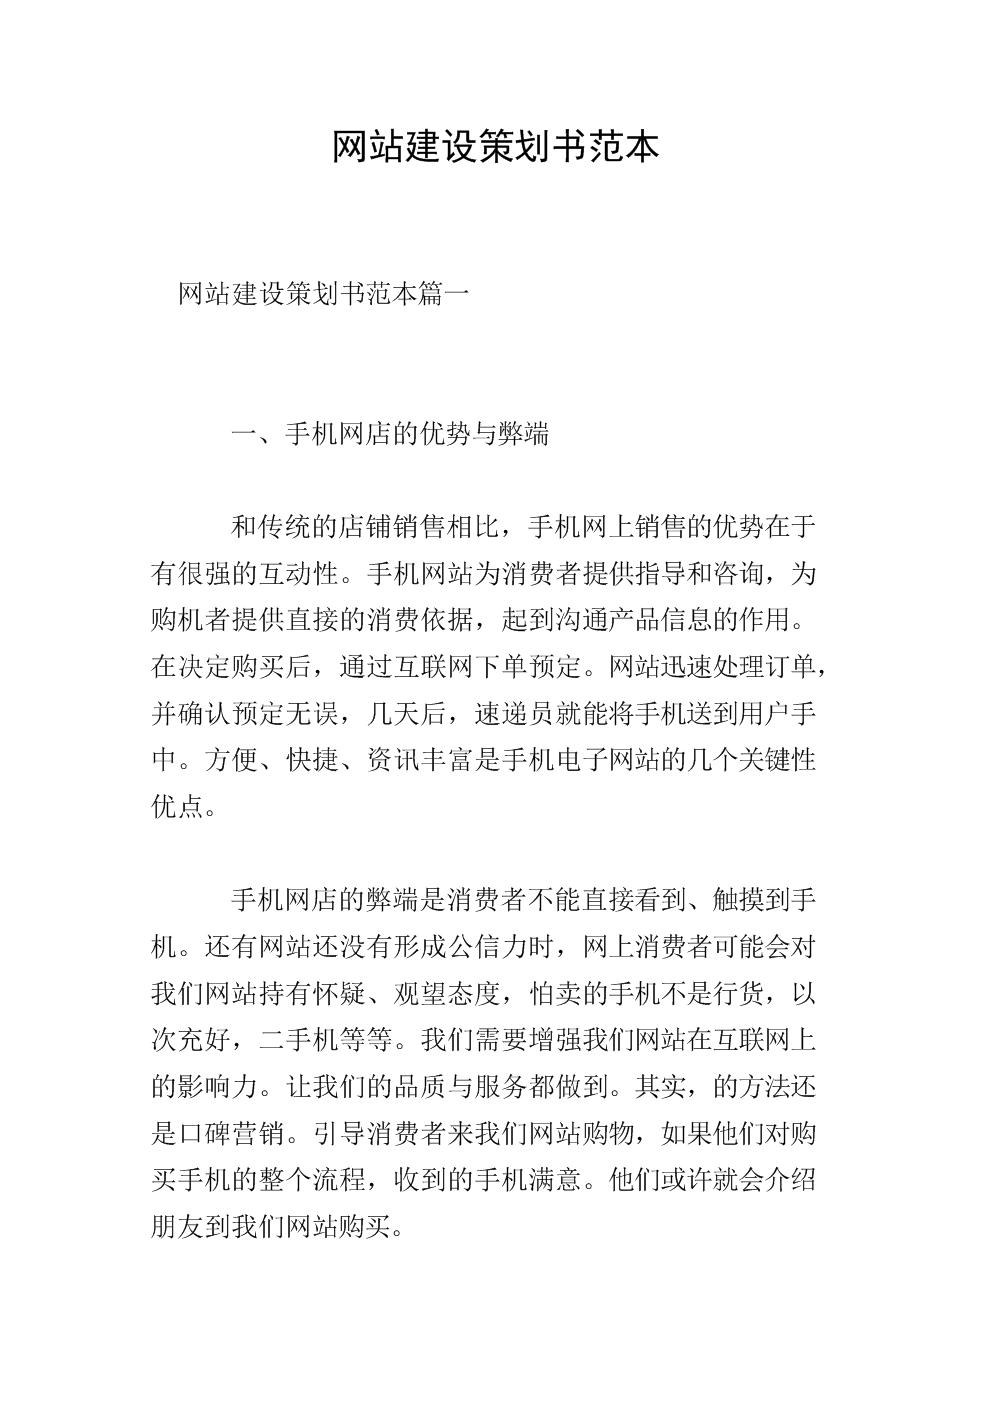 网站建设策划书范本.doc